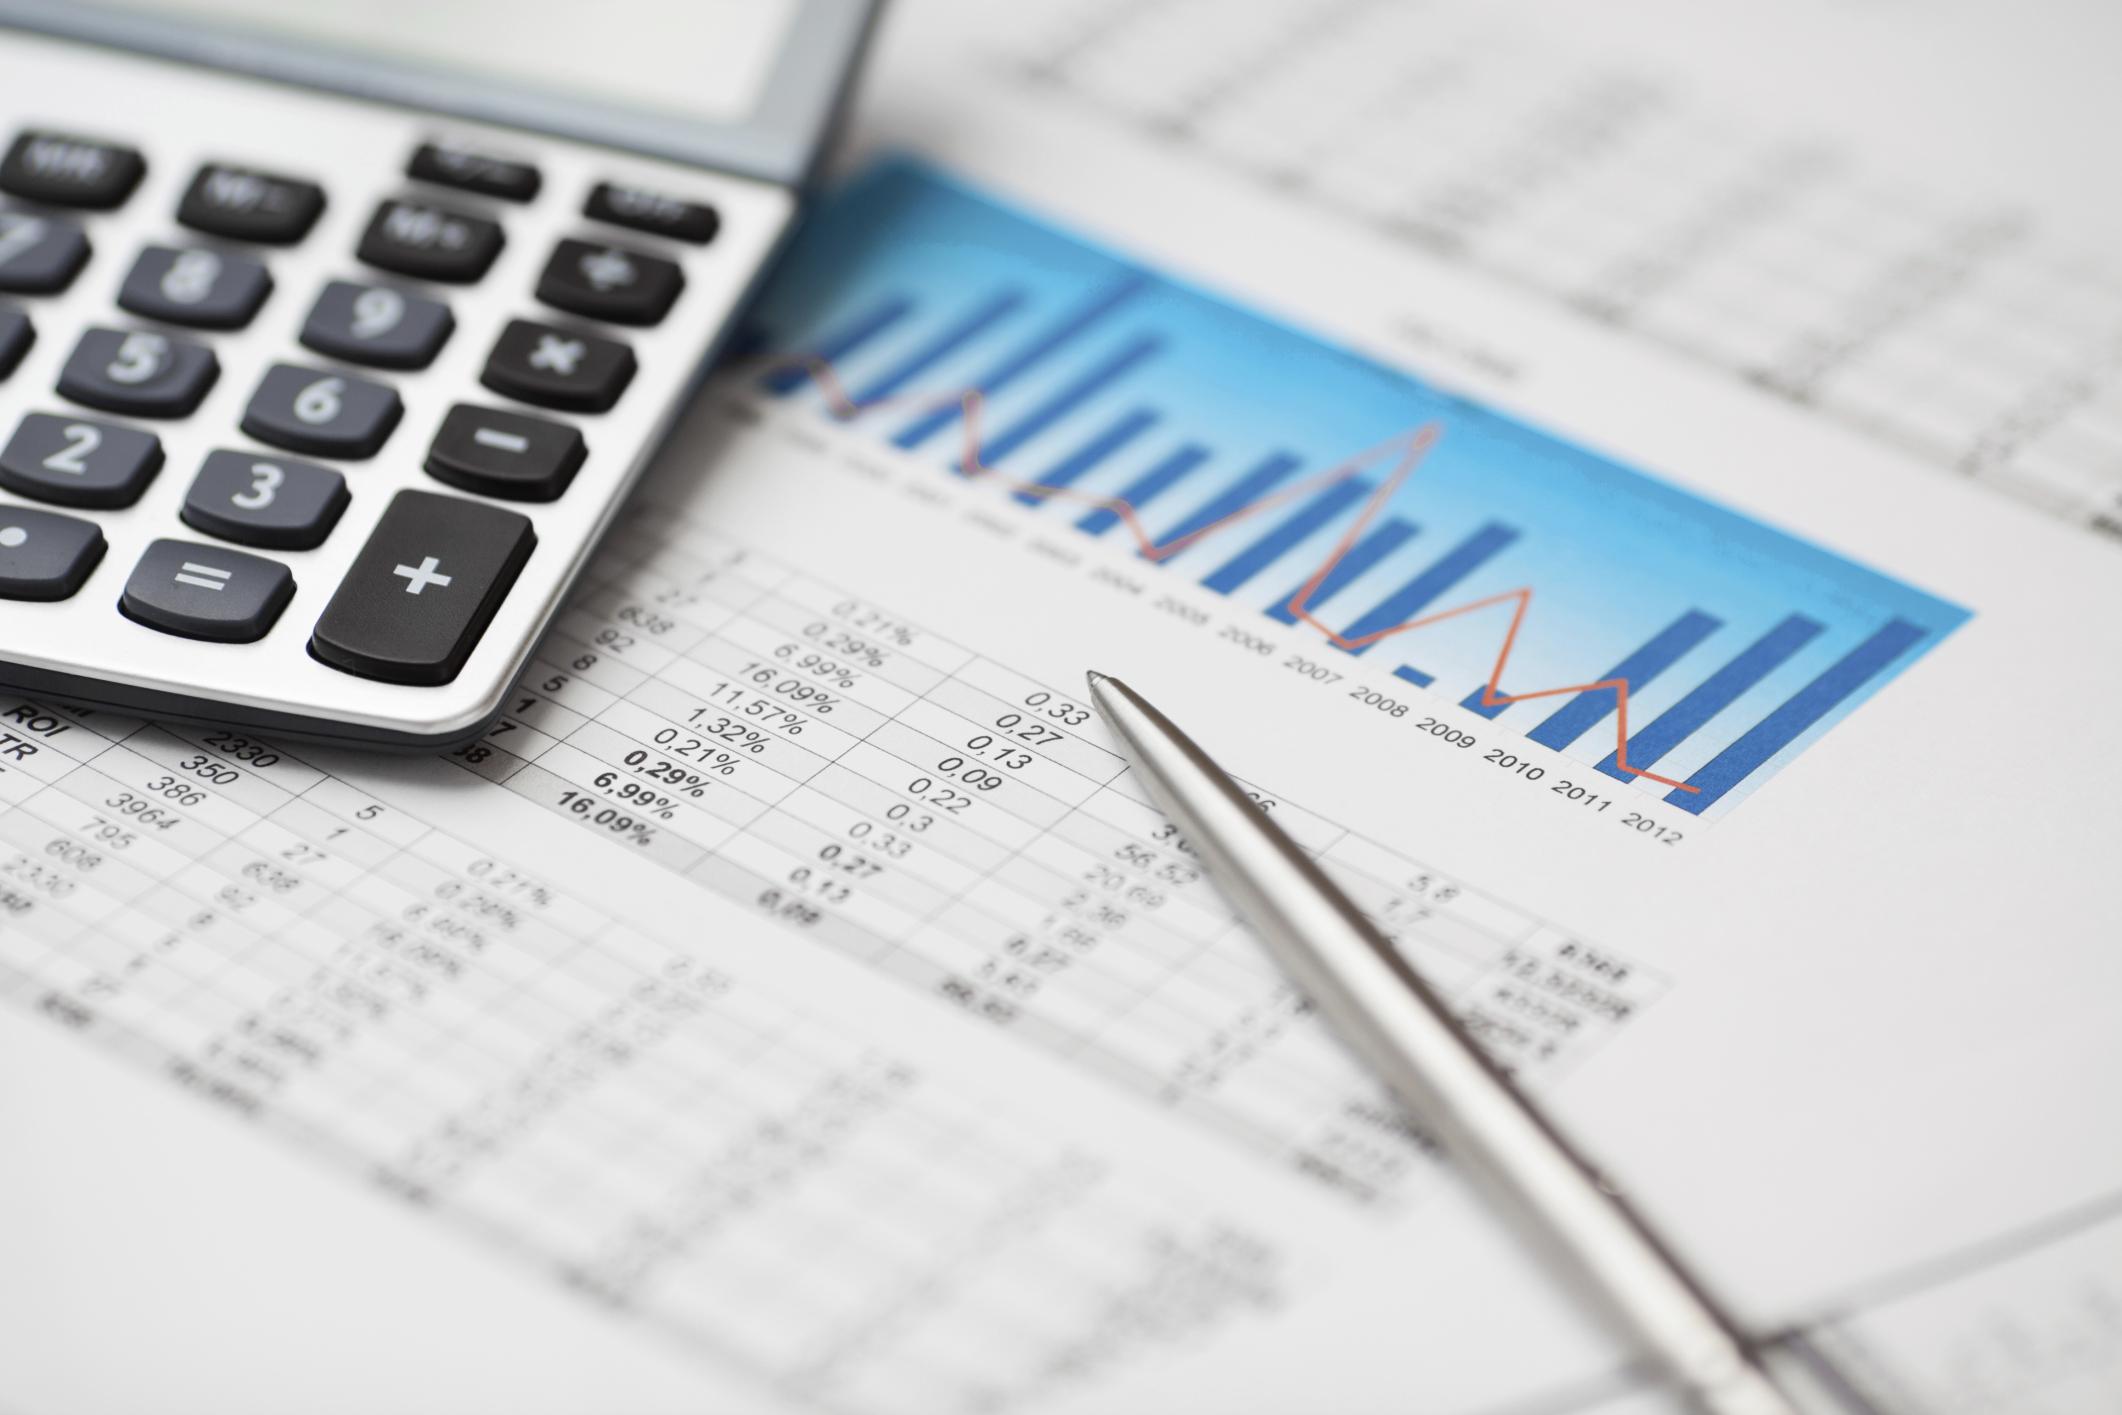 Հայաստանում տարեկան գնաճը 2016 թ. կազմել է -1.1%